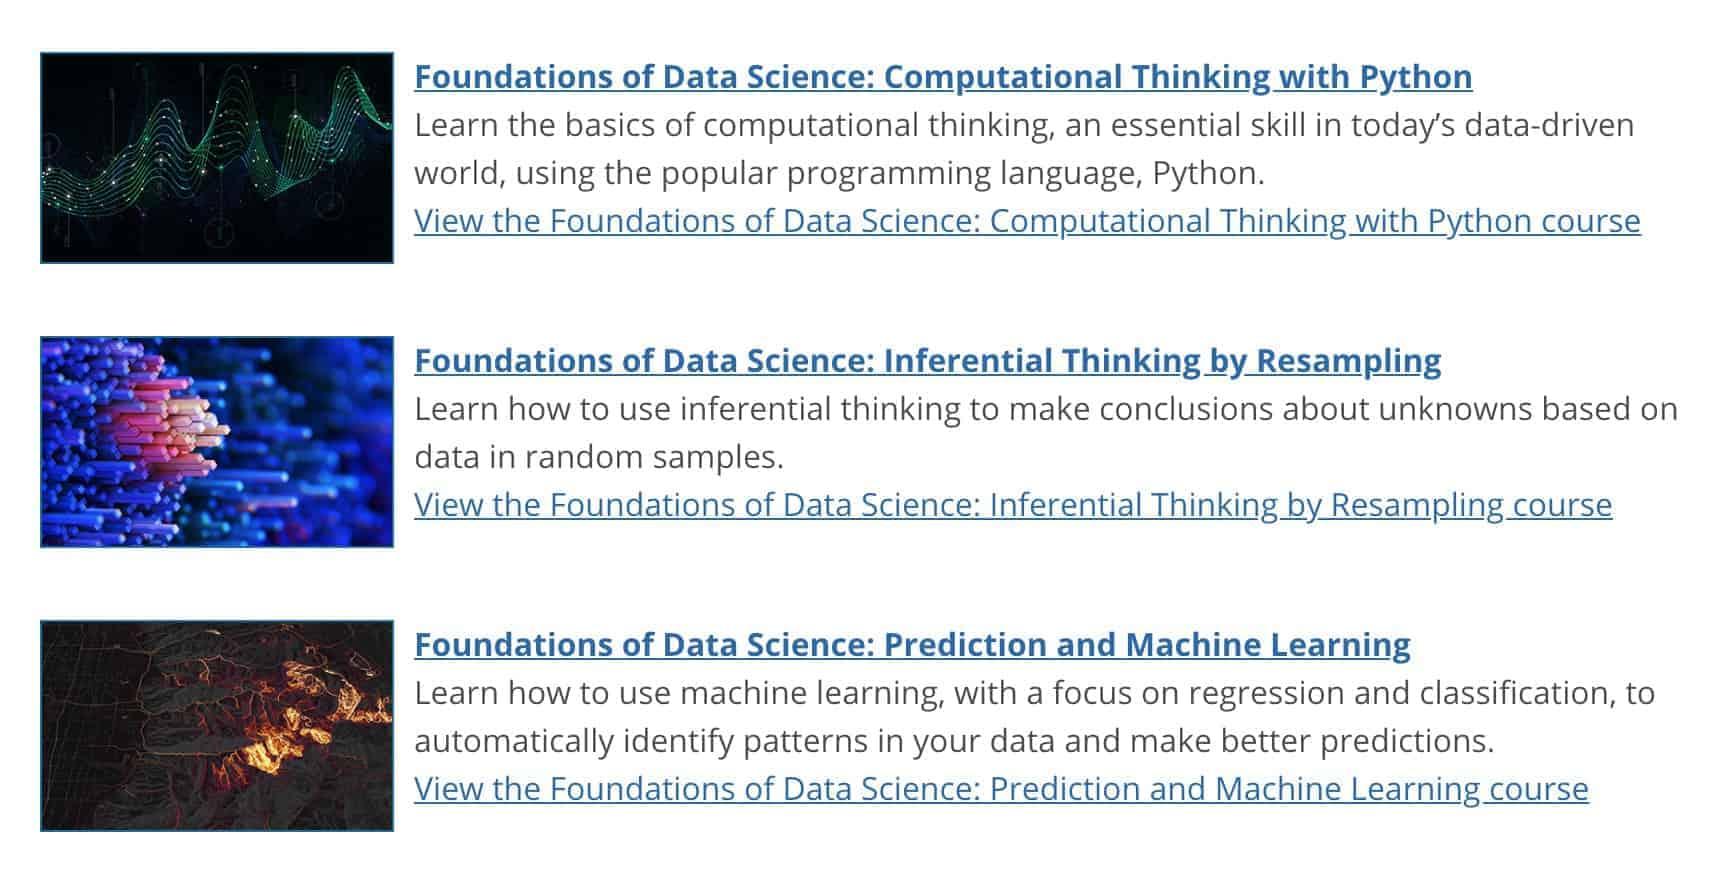 [ดี & ฟรี] คอร์ส Foundation of Data Science จากมหาวิทยาลัย Berkeley 1